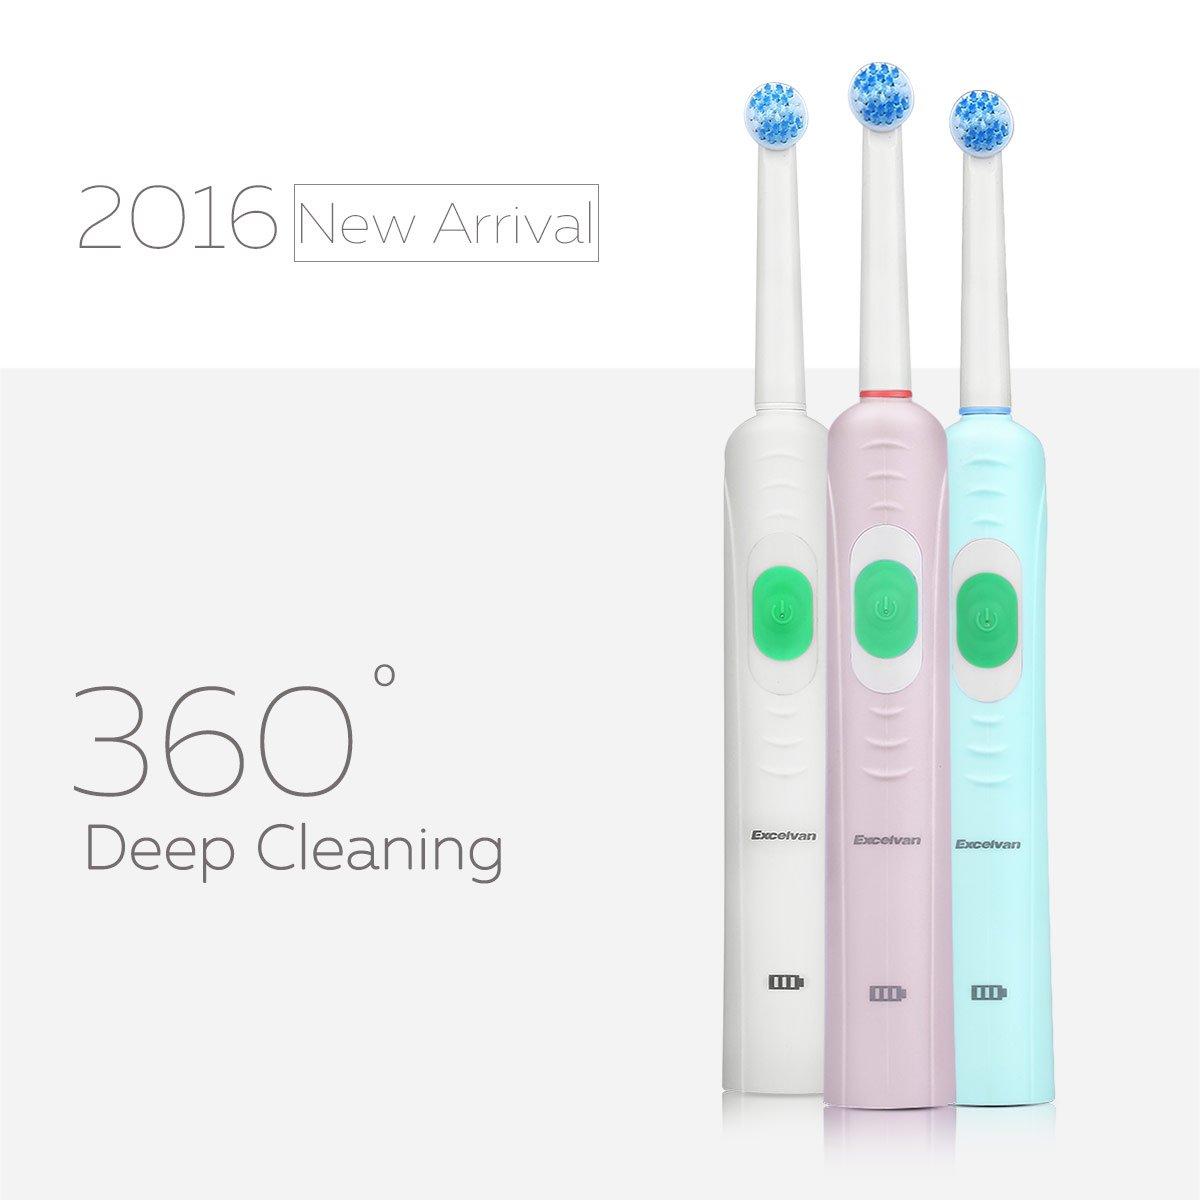 Excelvan - Cepillo de Dientes Eléctrico Impermeable Recargable Suave Elástico Boquillas Cuidado Dental con 2 Cabeza de Cepillo, Enchufe de la UE (Blanco): ...